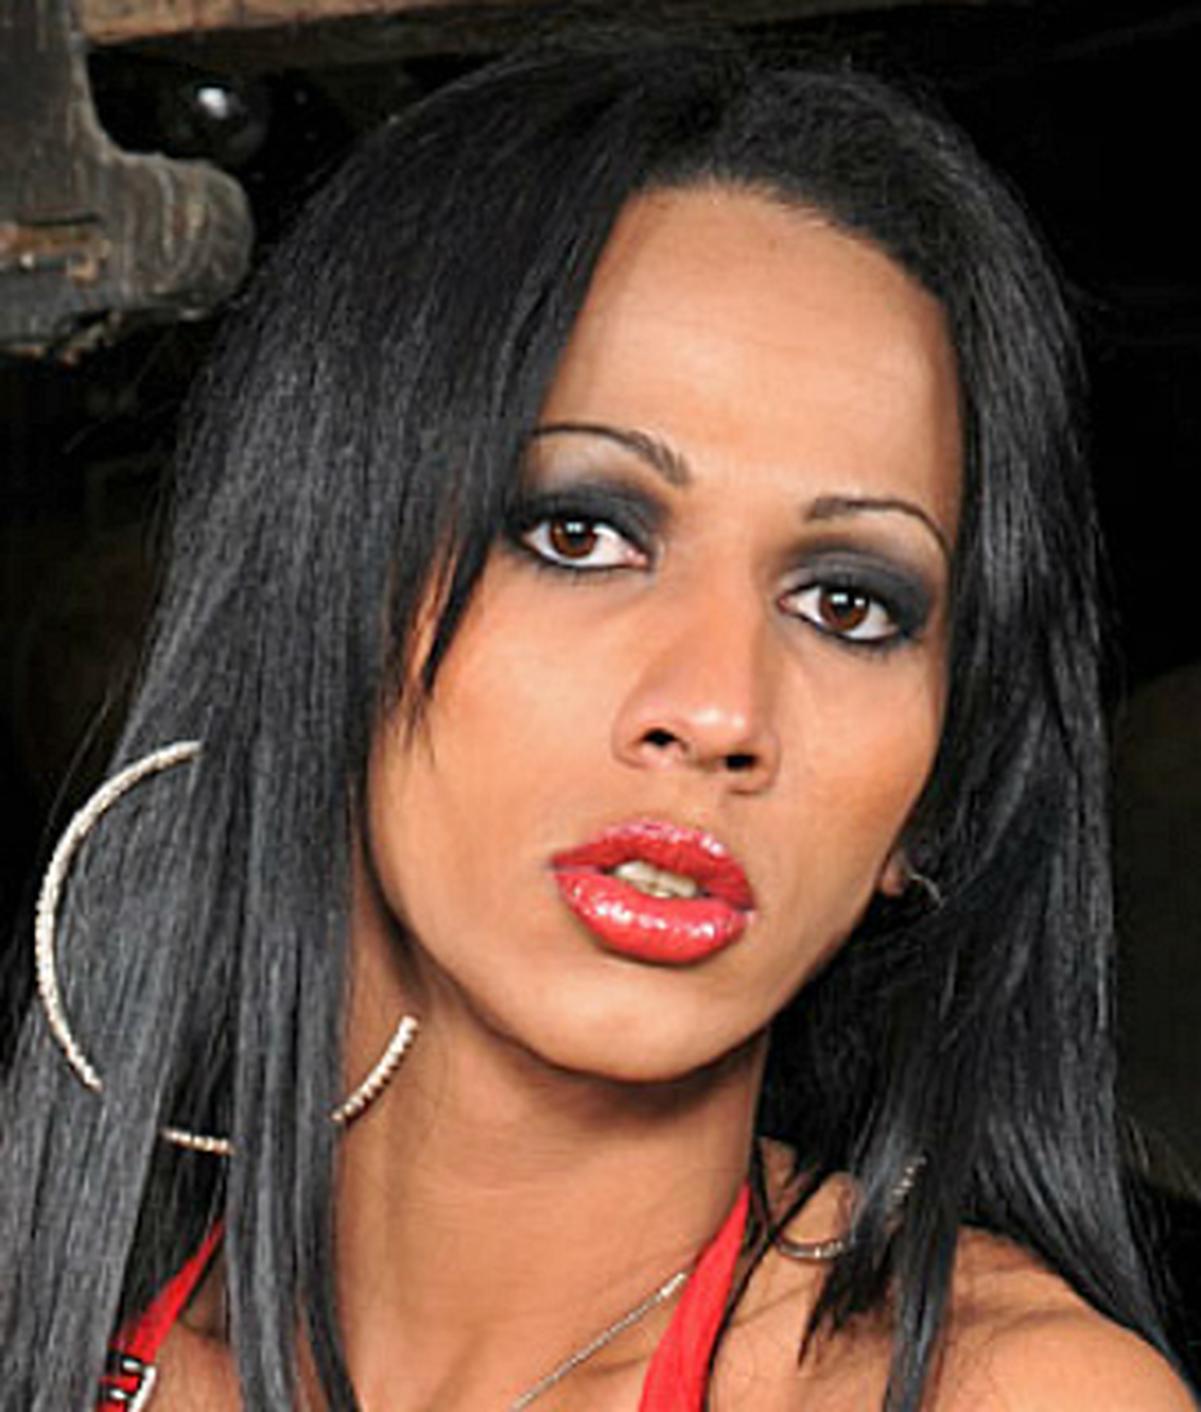 Nicolly Navarro